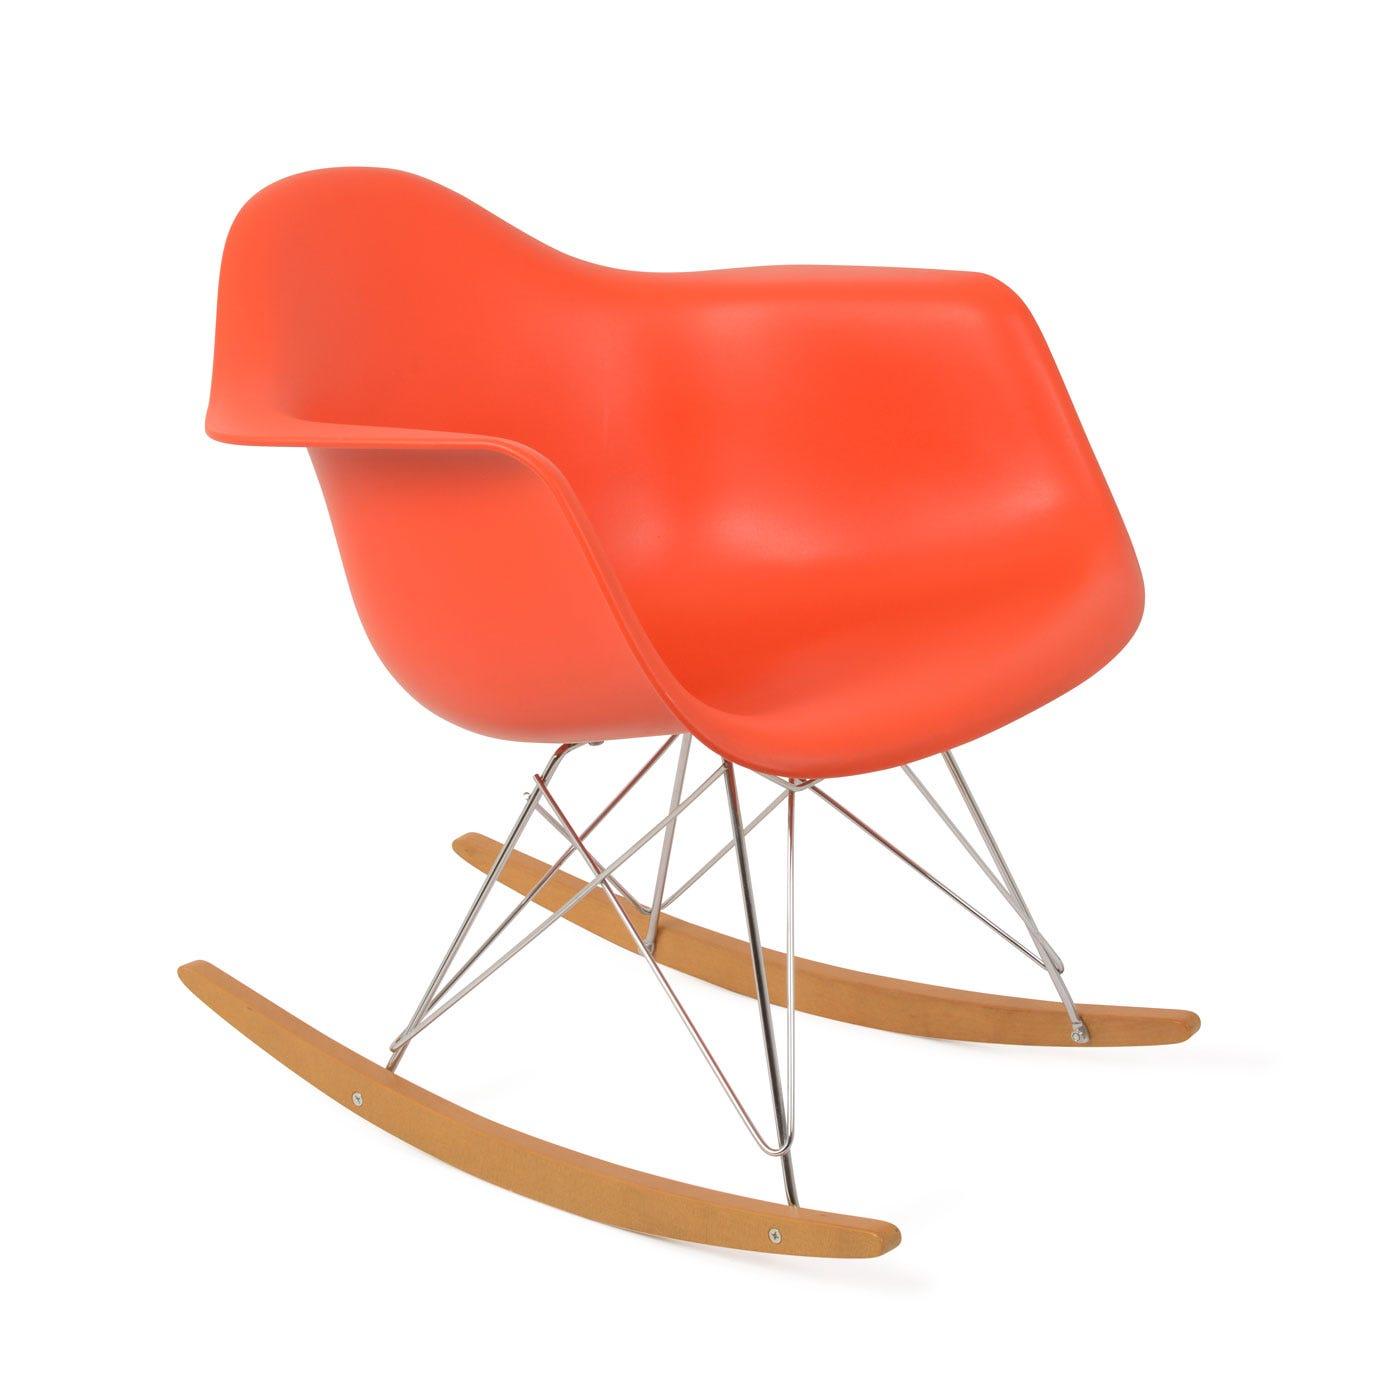 Eames Plastic Armchair Rar 03 Poppy - Warehouse Sale